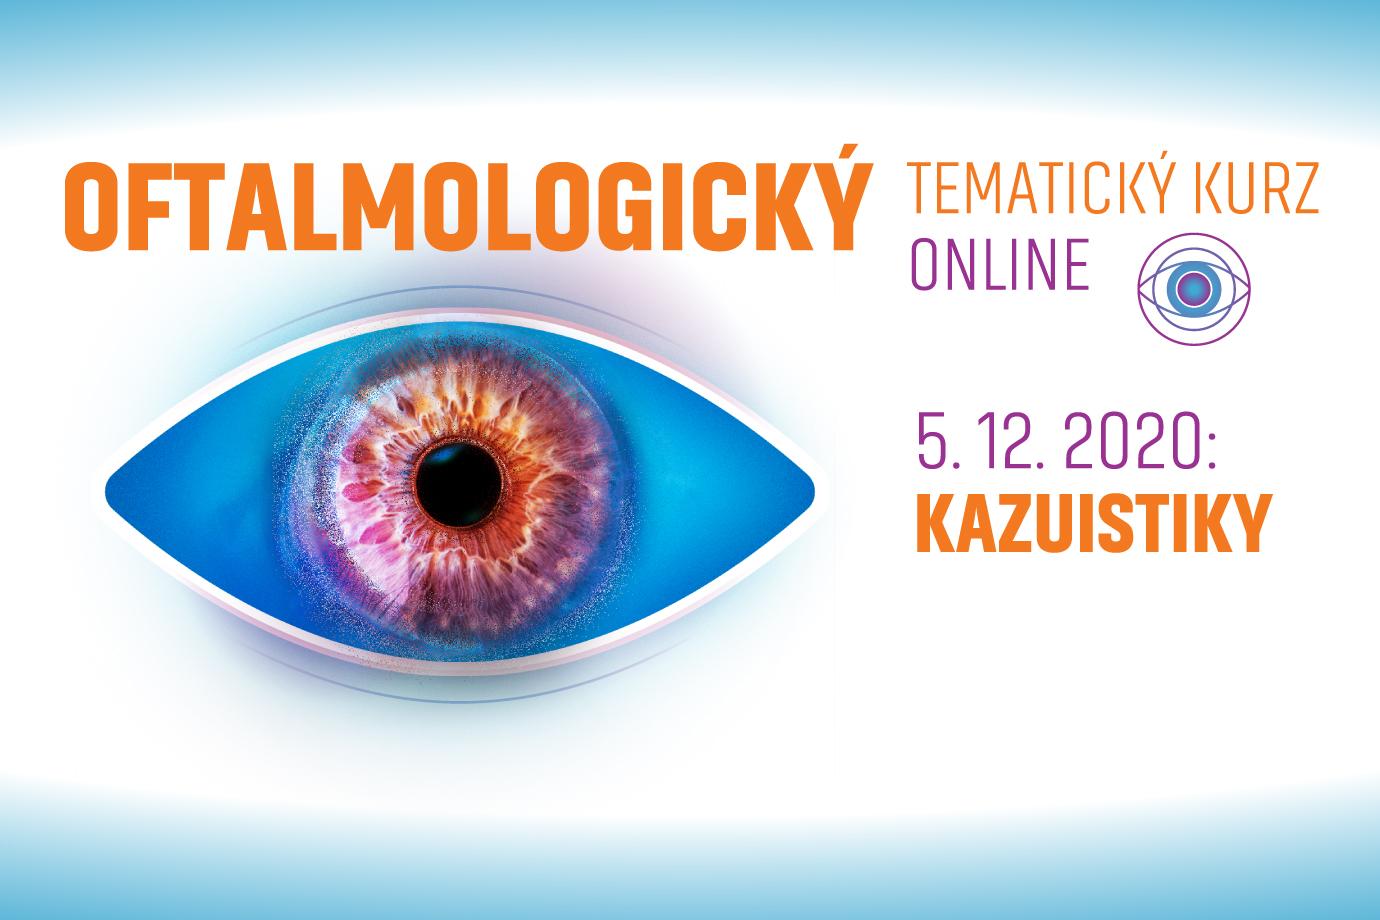 Oftalmologický tematický kurz 5. 12. 2020: KAZUISTIKY